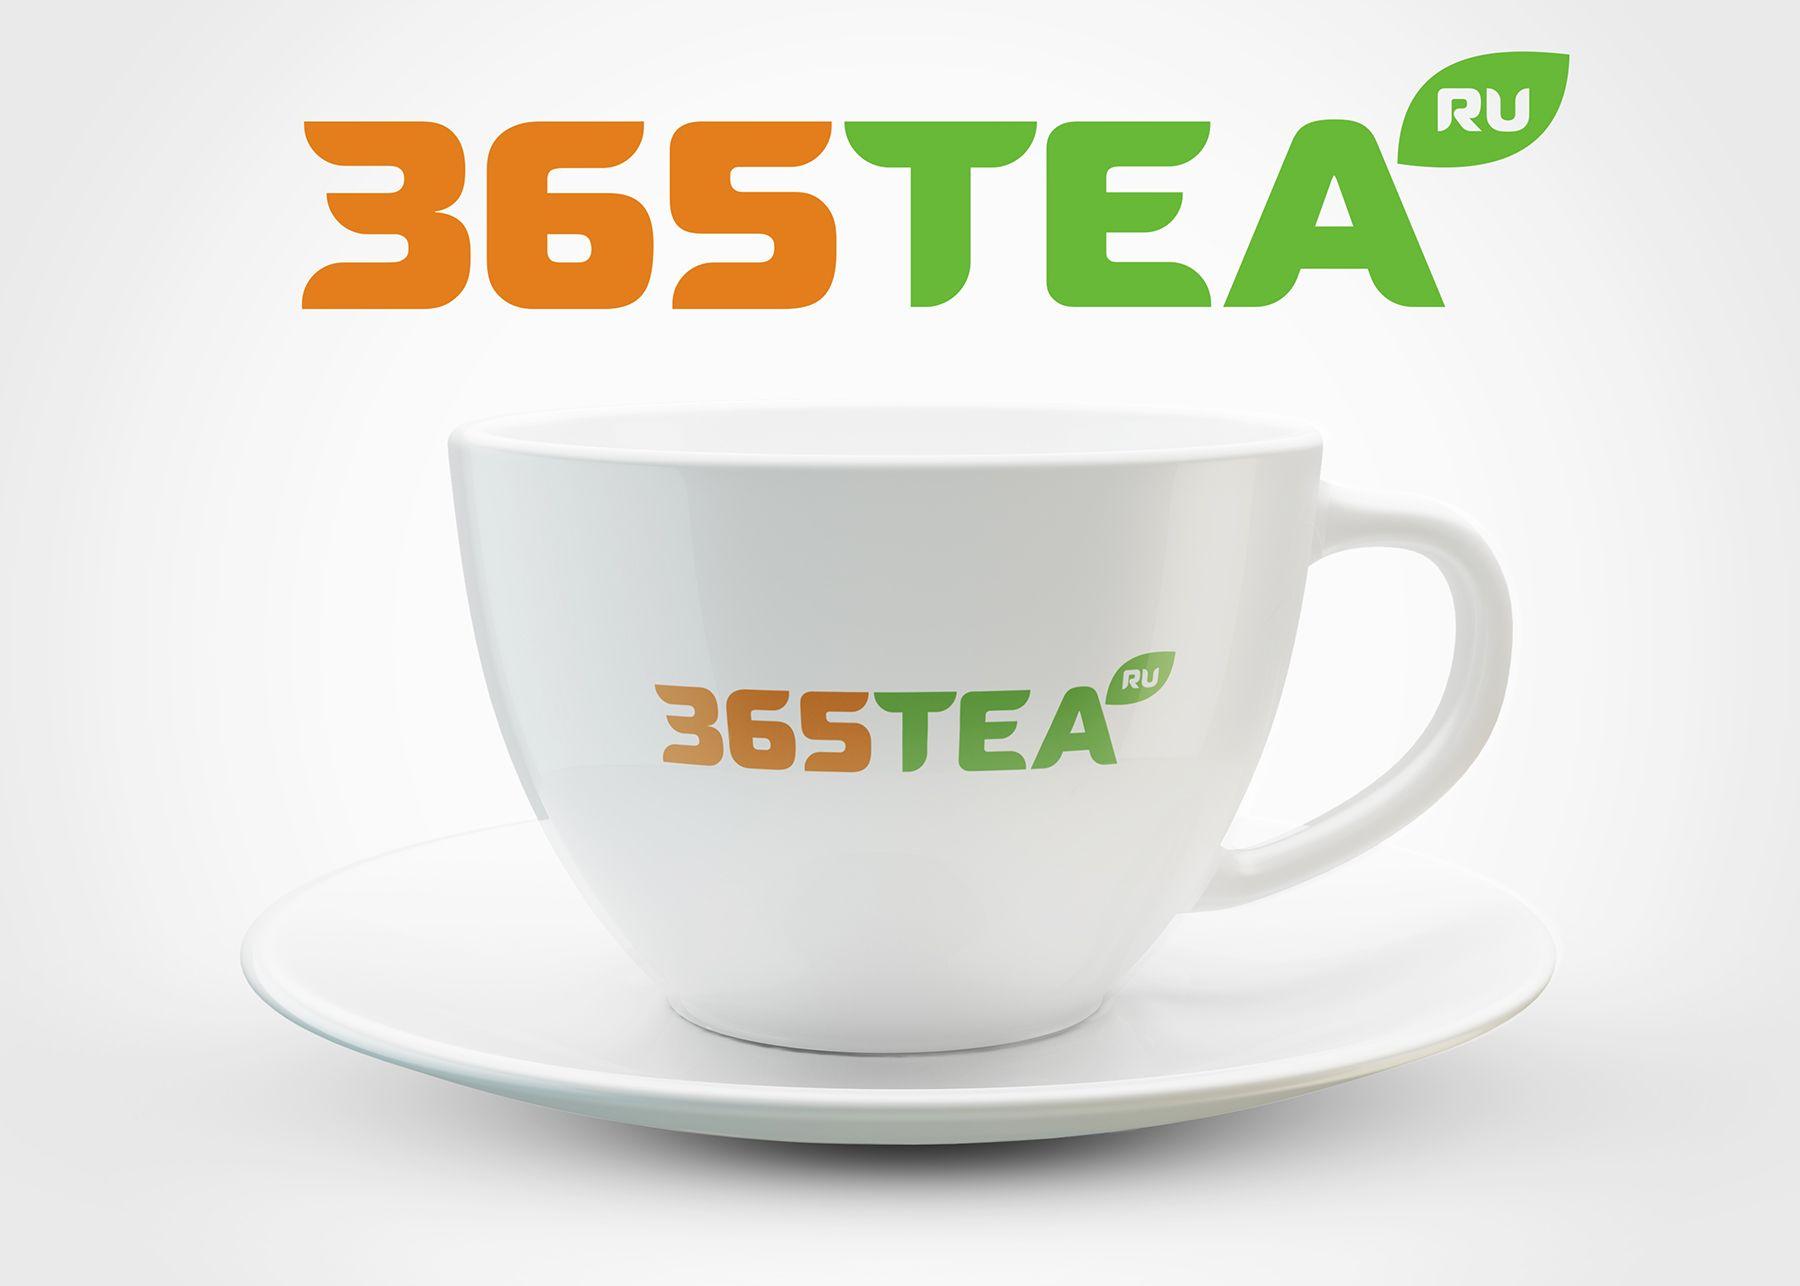 Логотип для 365tea.ru или 365TEA.RU - дизайнер Godknightdiz